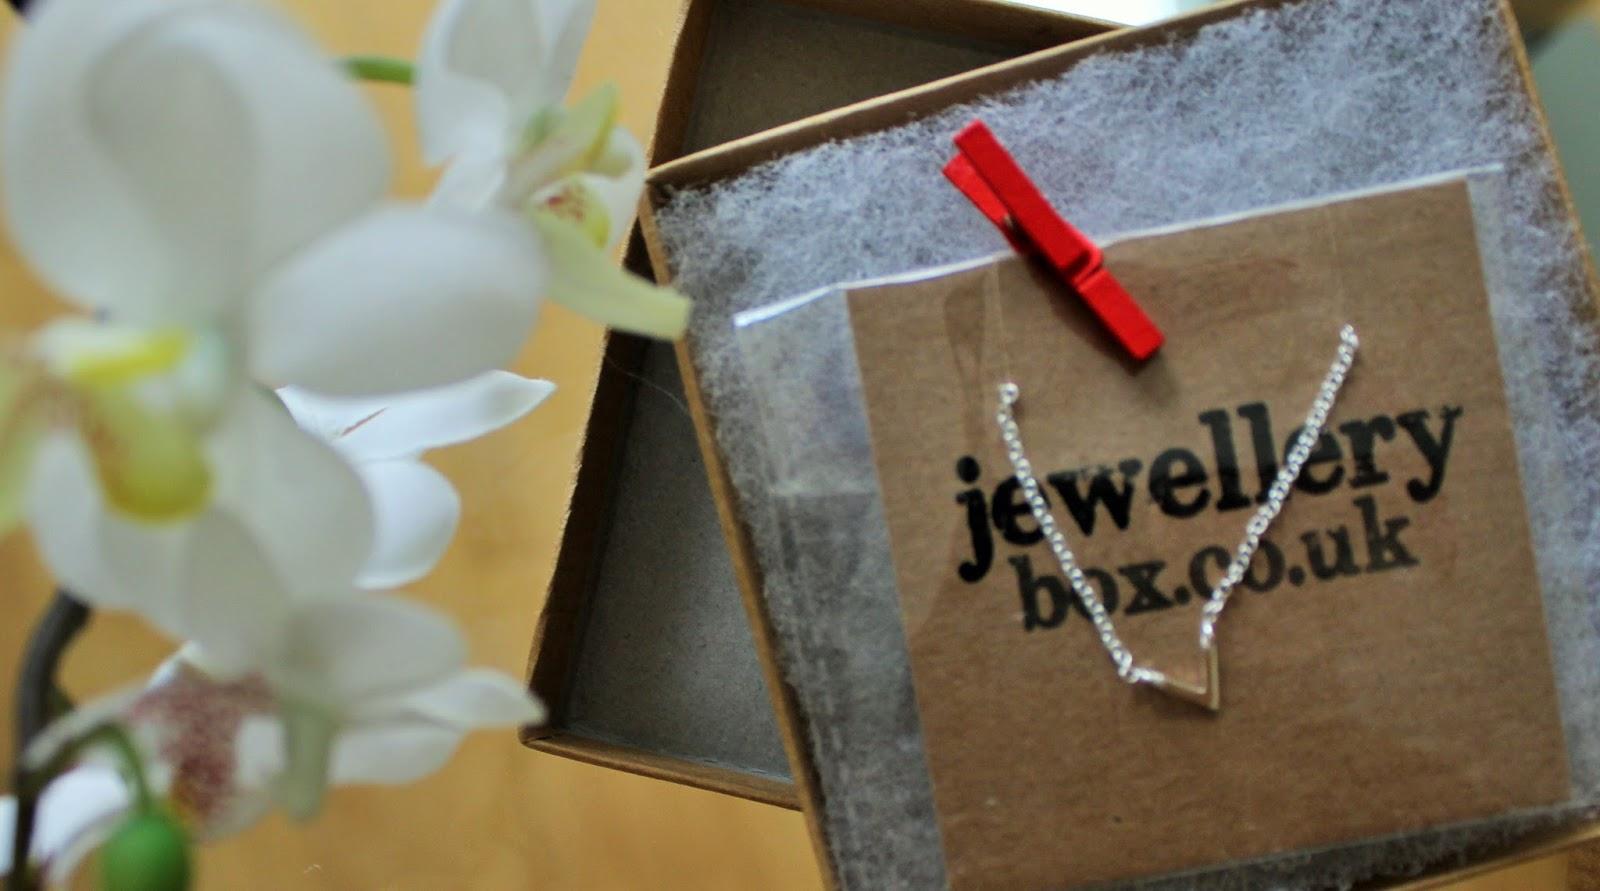 JewelleryBox.co.uk 4